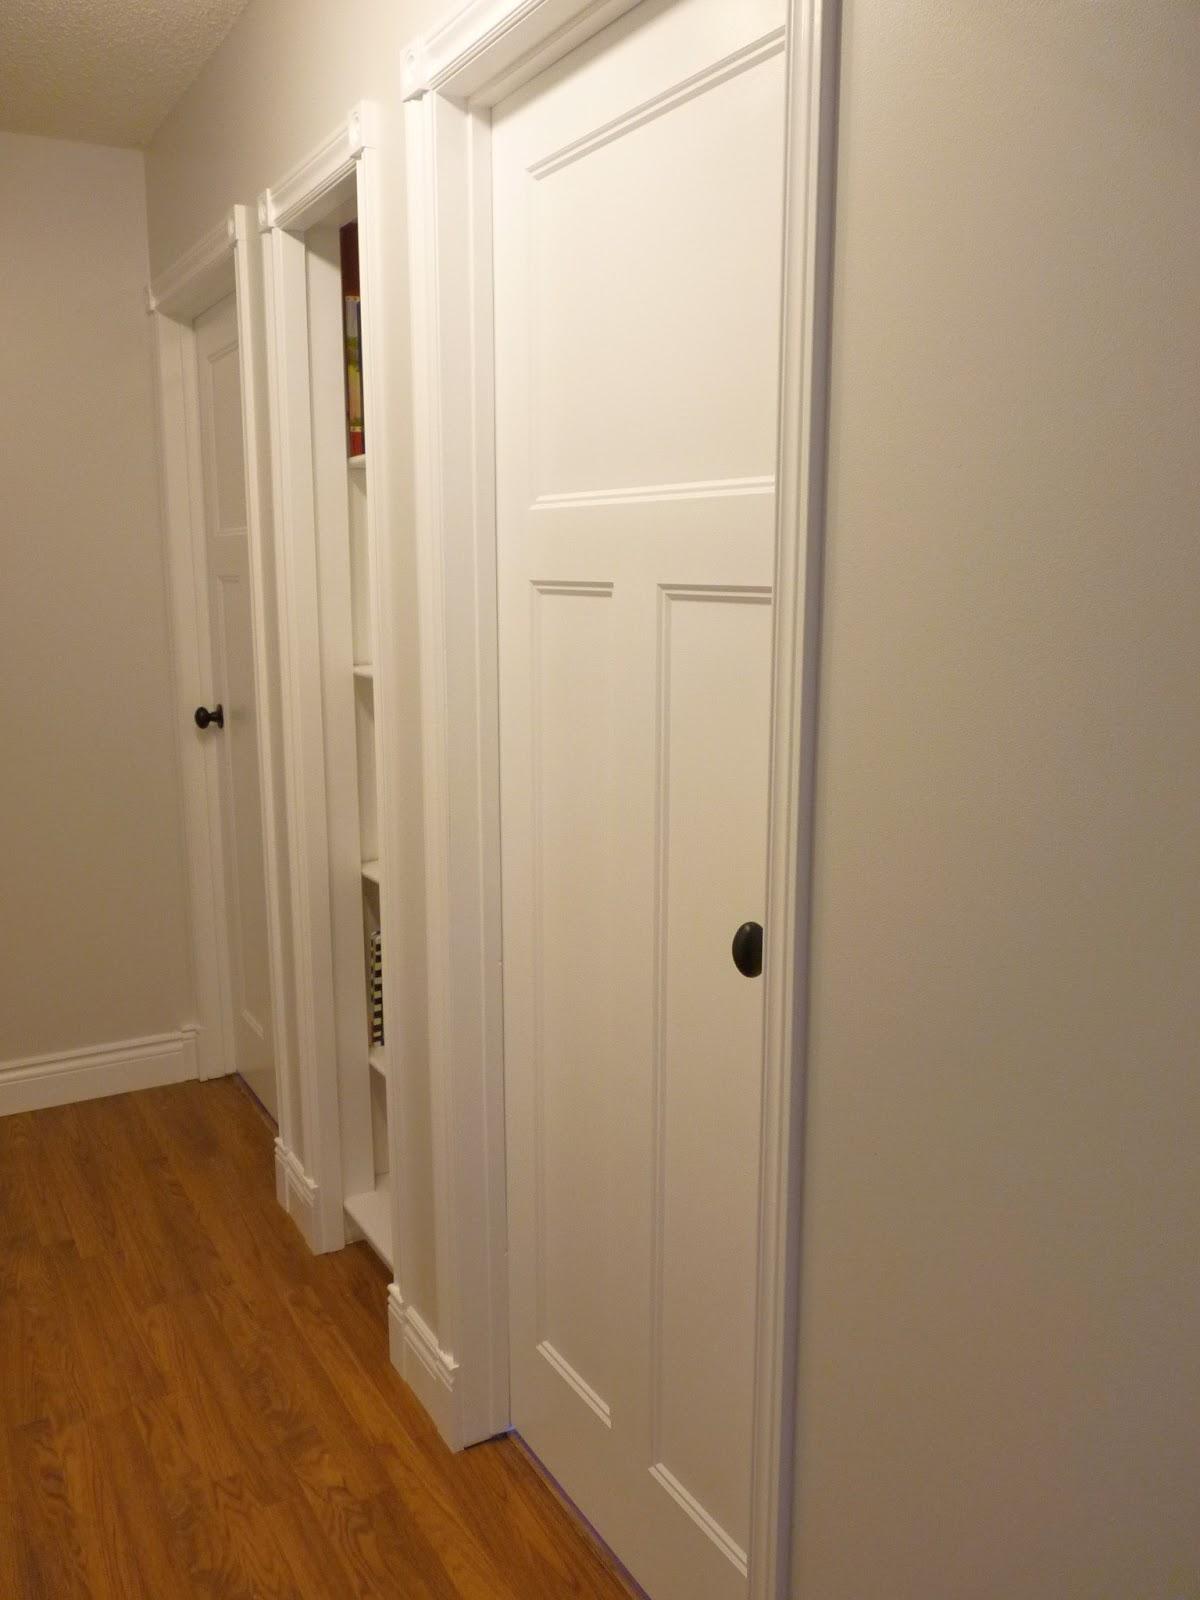 Top diy tutorials how to replace interior doors for Interior door replacement